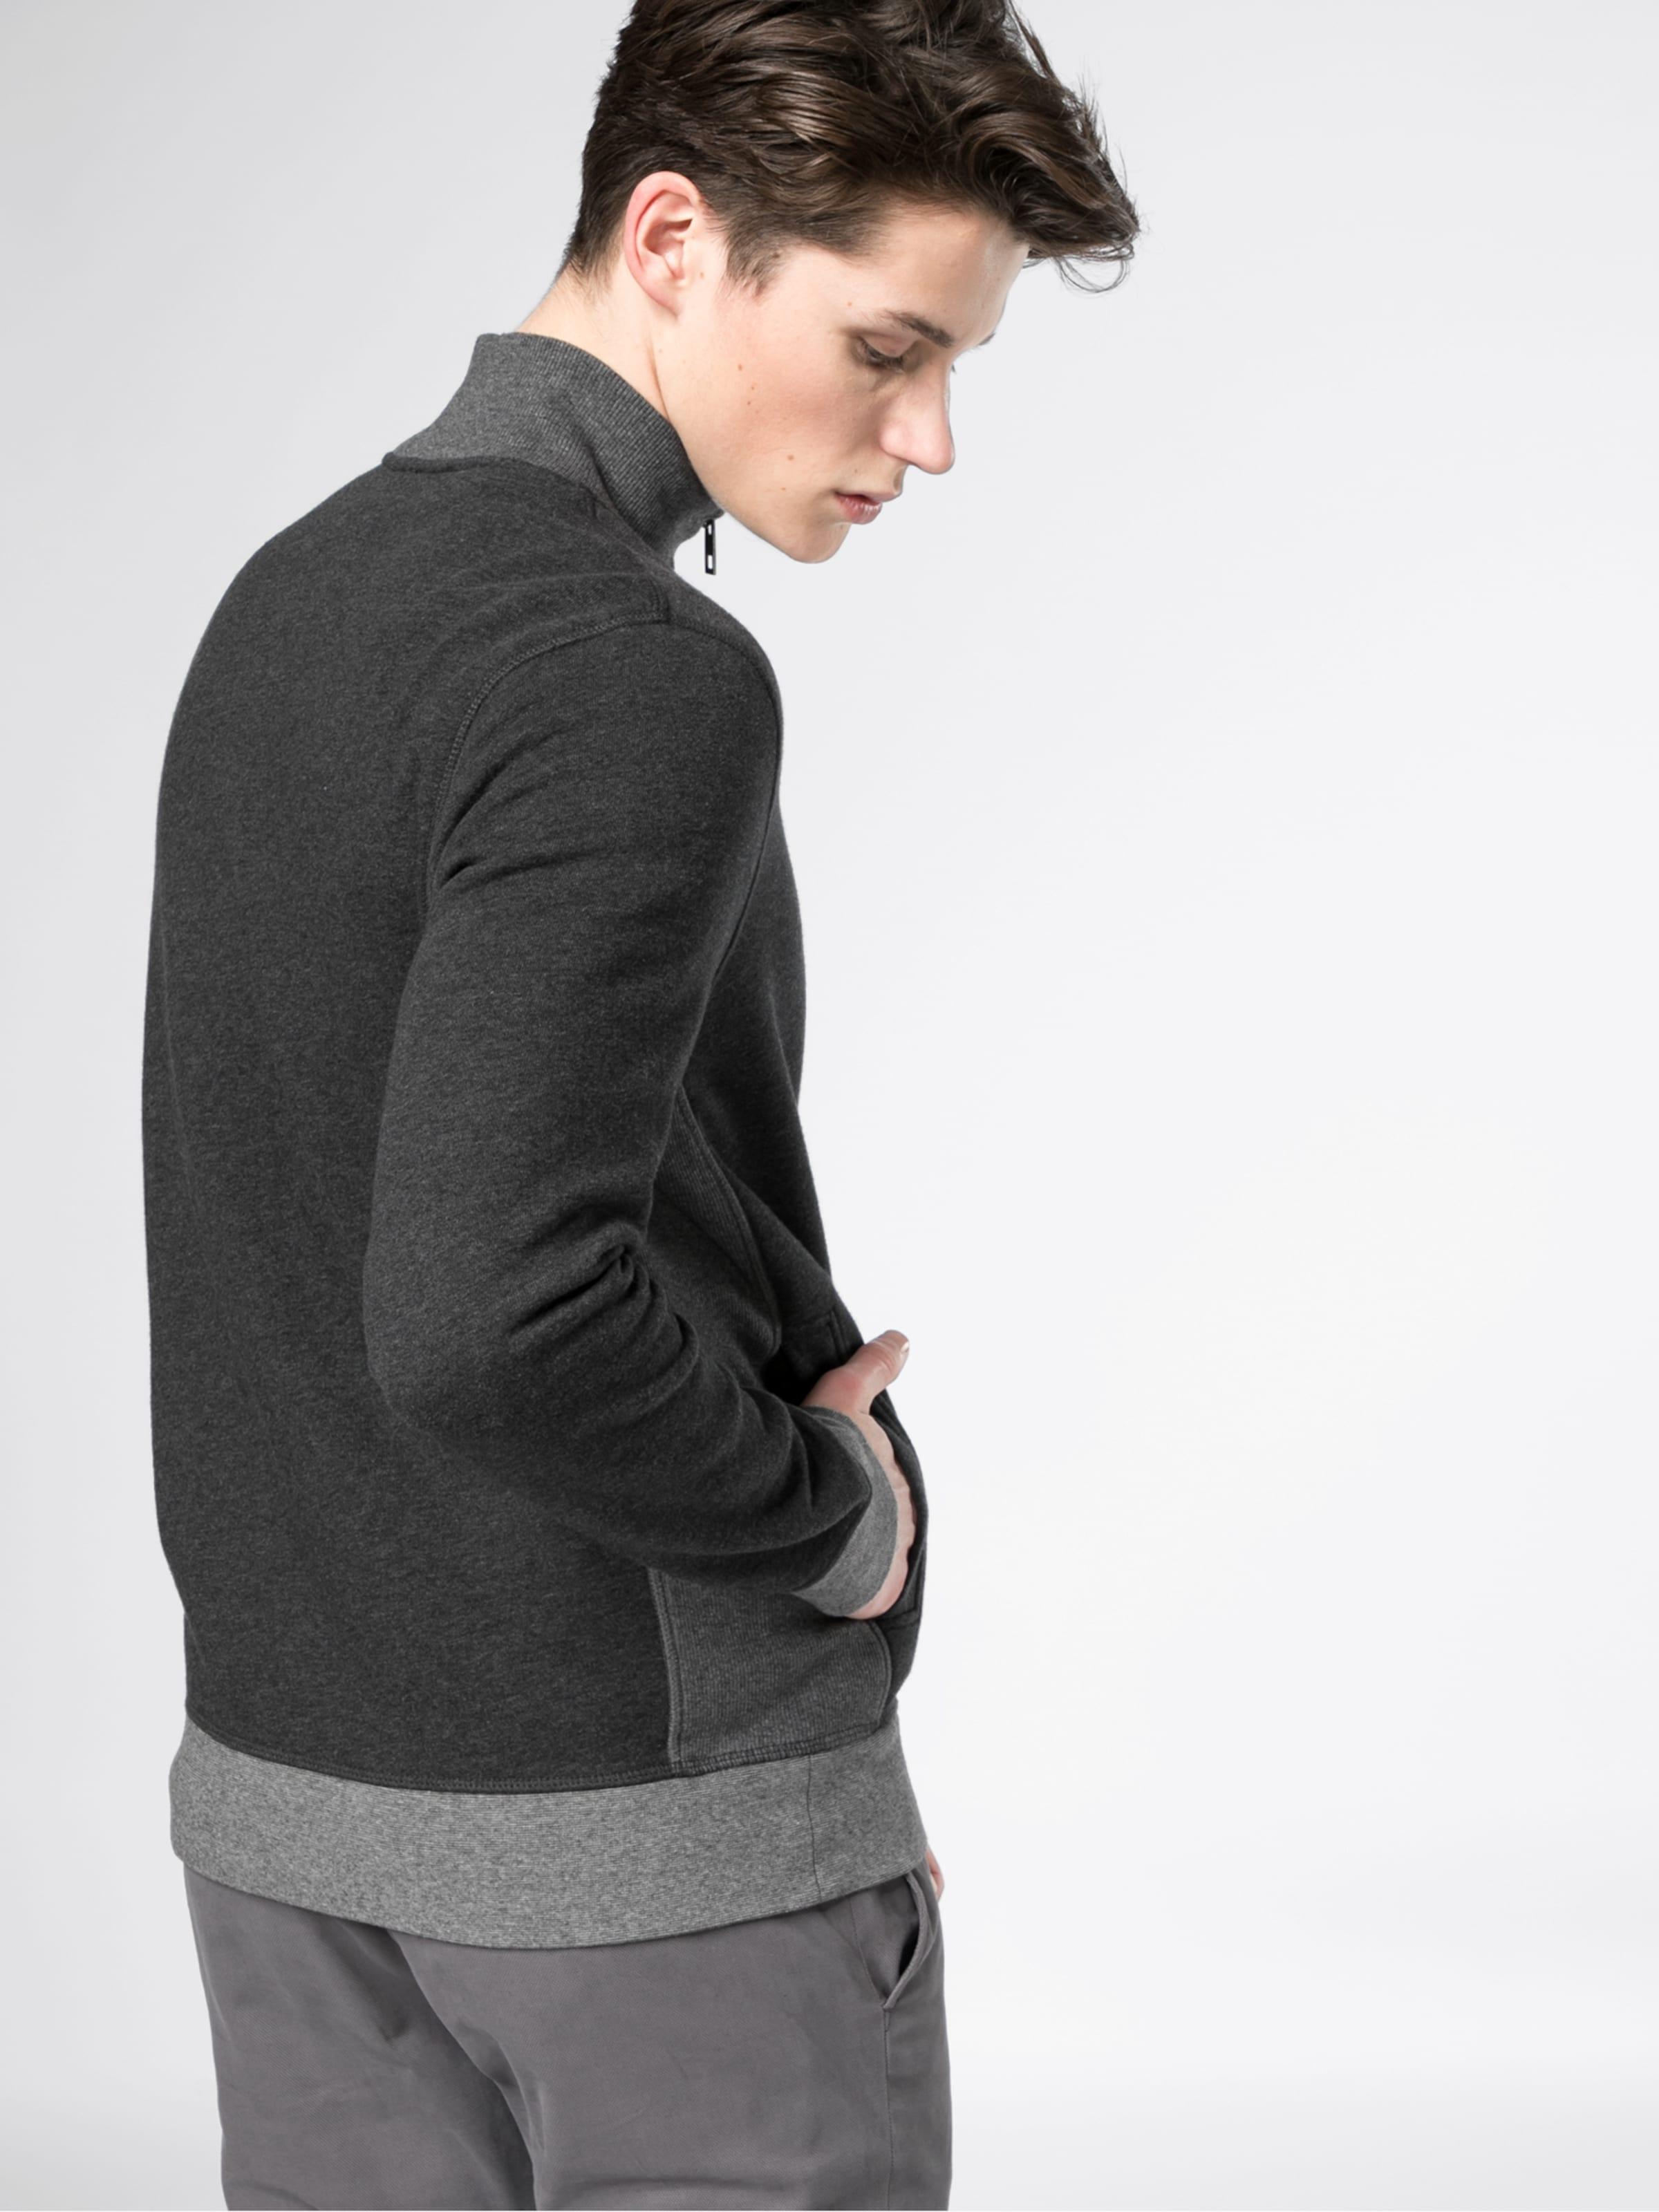 BOSS Sweatshirt 'Zooms' Rabatt Echte Spielraum Erschwinglich Billige Auslass Wirklich Günstiger Preis Original-Verkauf FC3vT